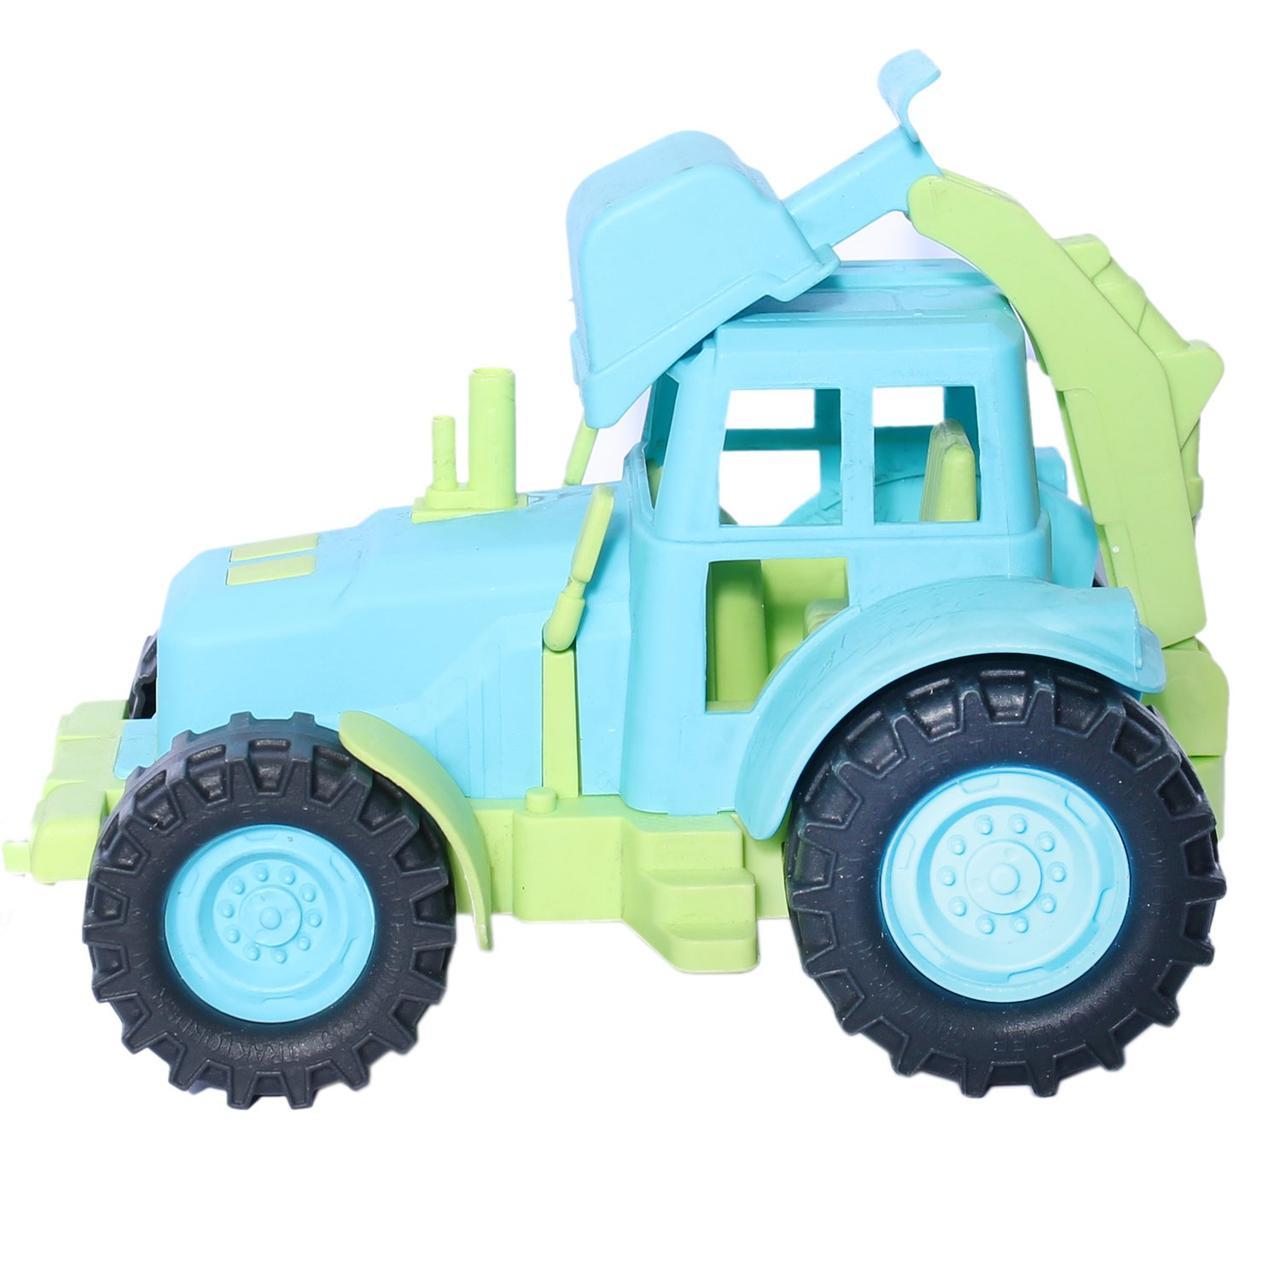 Казик Игрушечный Трактор с задним ковшом, 20см. (зелено-голубой)